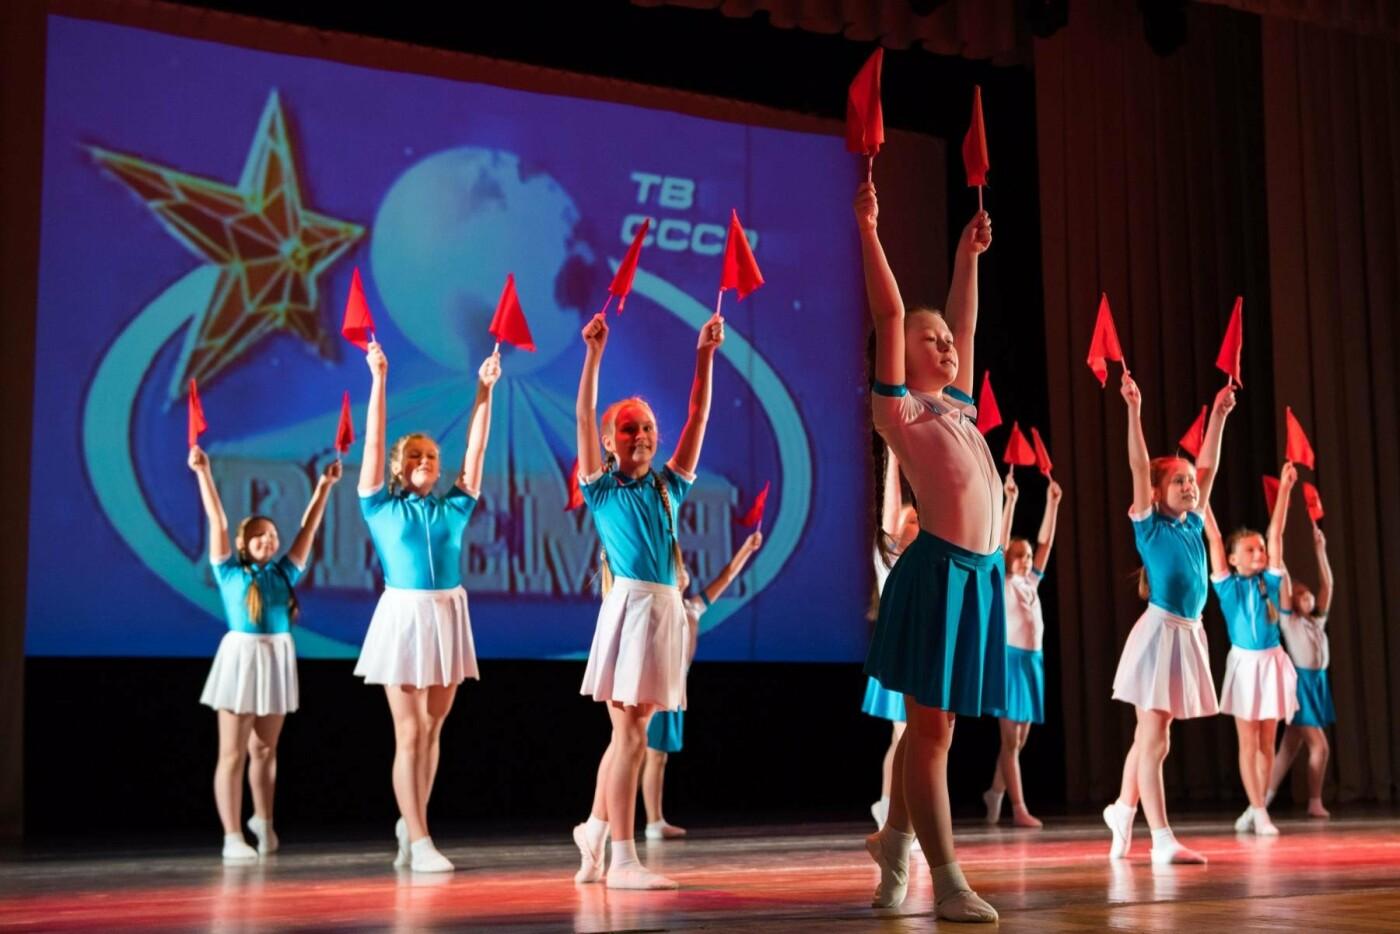 Выступление детского танцевального коллектива на подмостках концертного зала ЦДК - Фотография предоставлена пресс-службой администрации МОГО «Ухта»